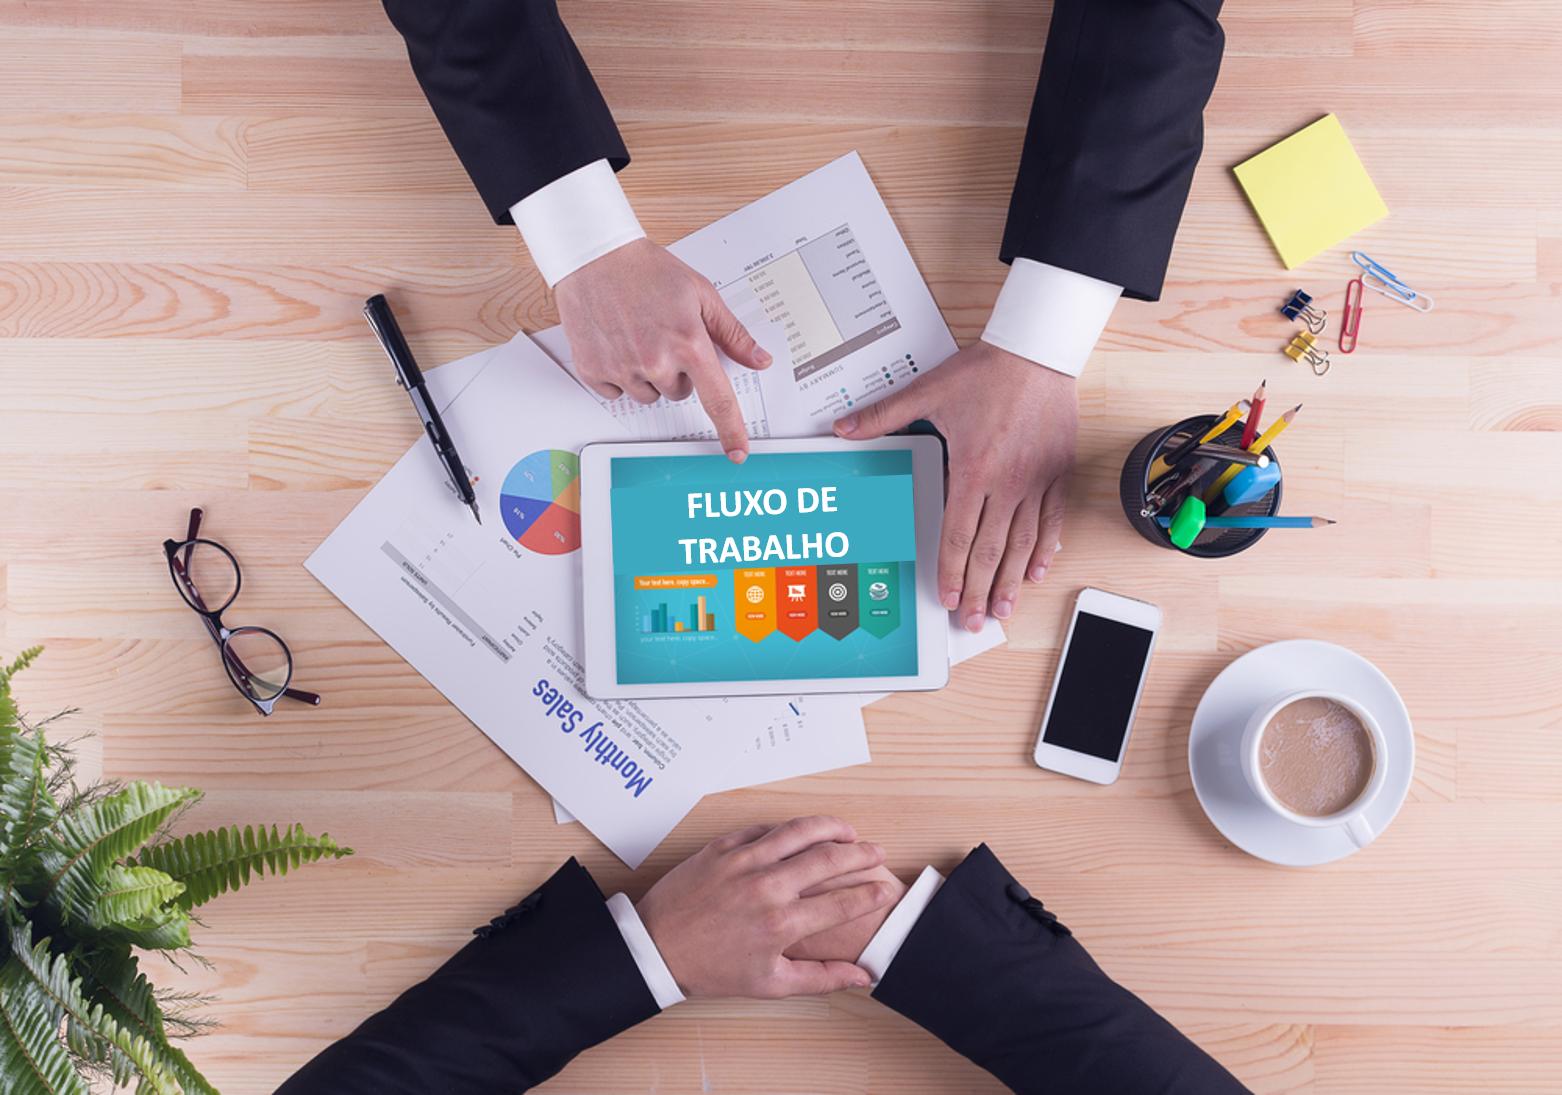 A Importância da Gestão de seus Processos de Negócios através de Fluxos de Trabalho